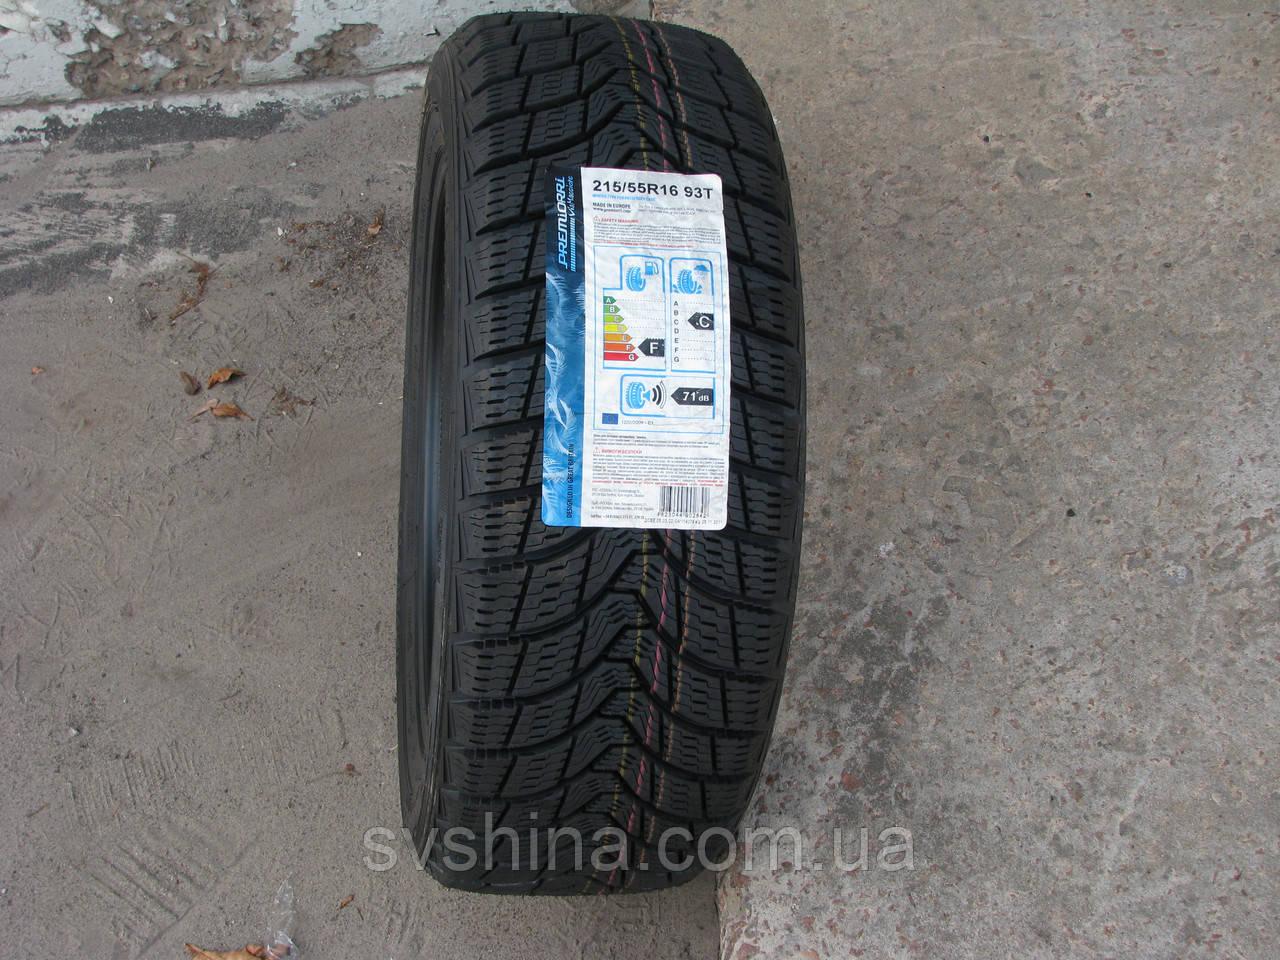 Зимові шини 215/55R16 Premiorri Via Maggiore, 93T